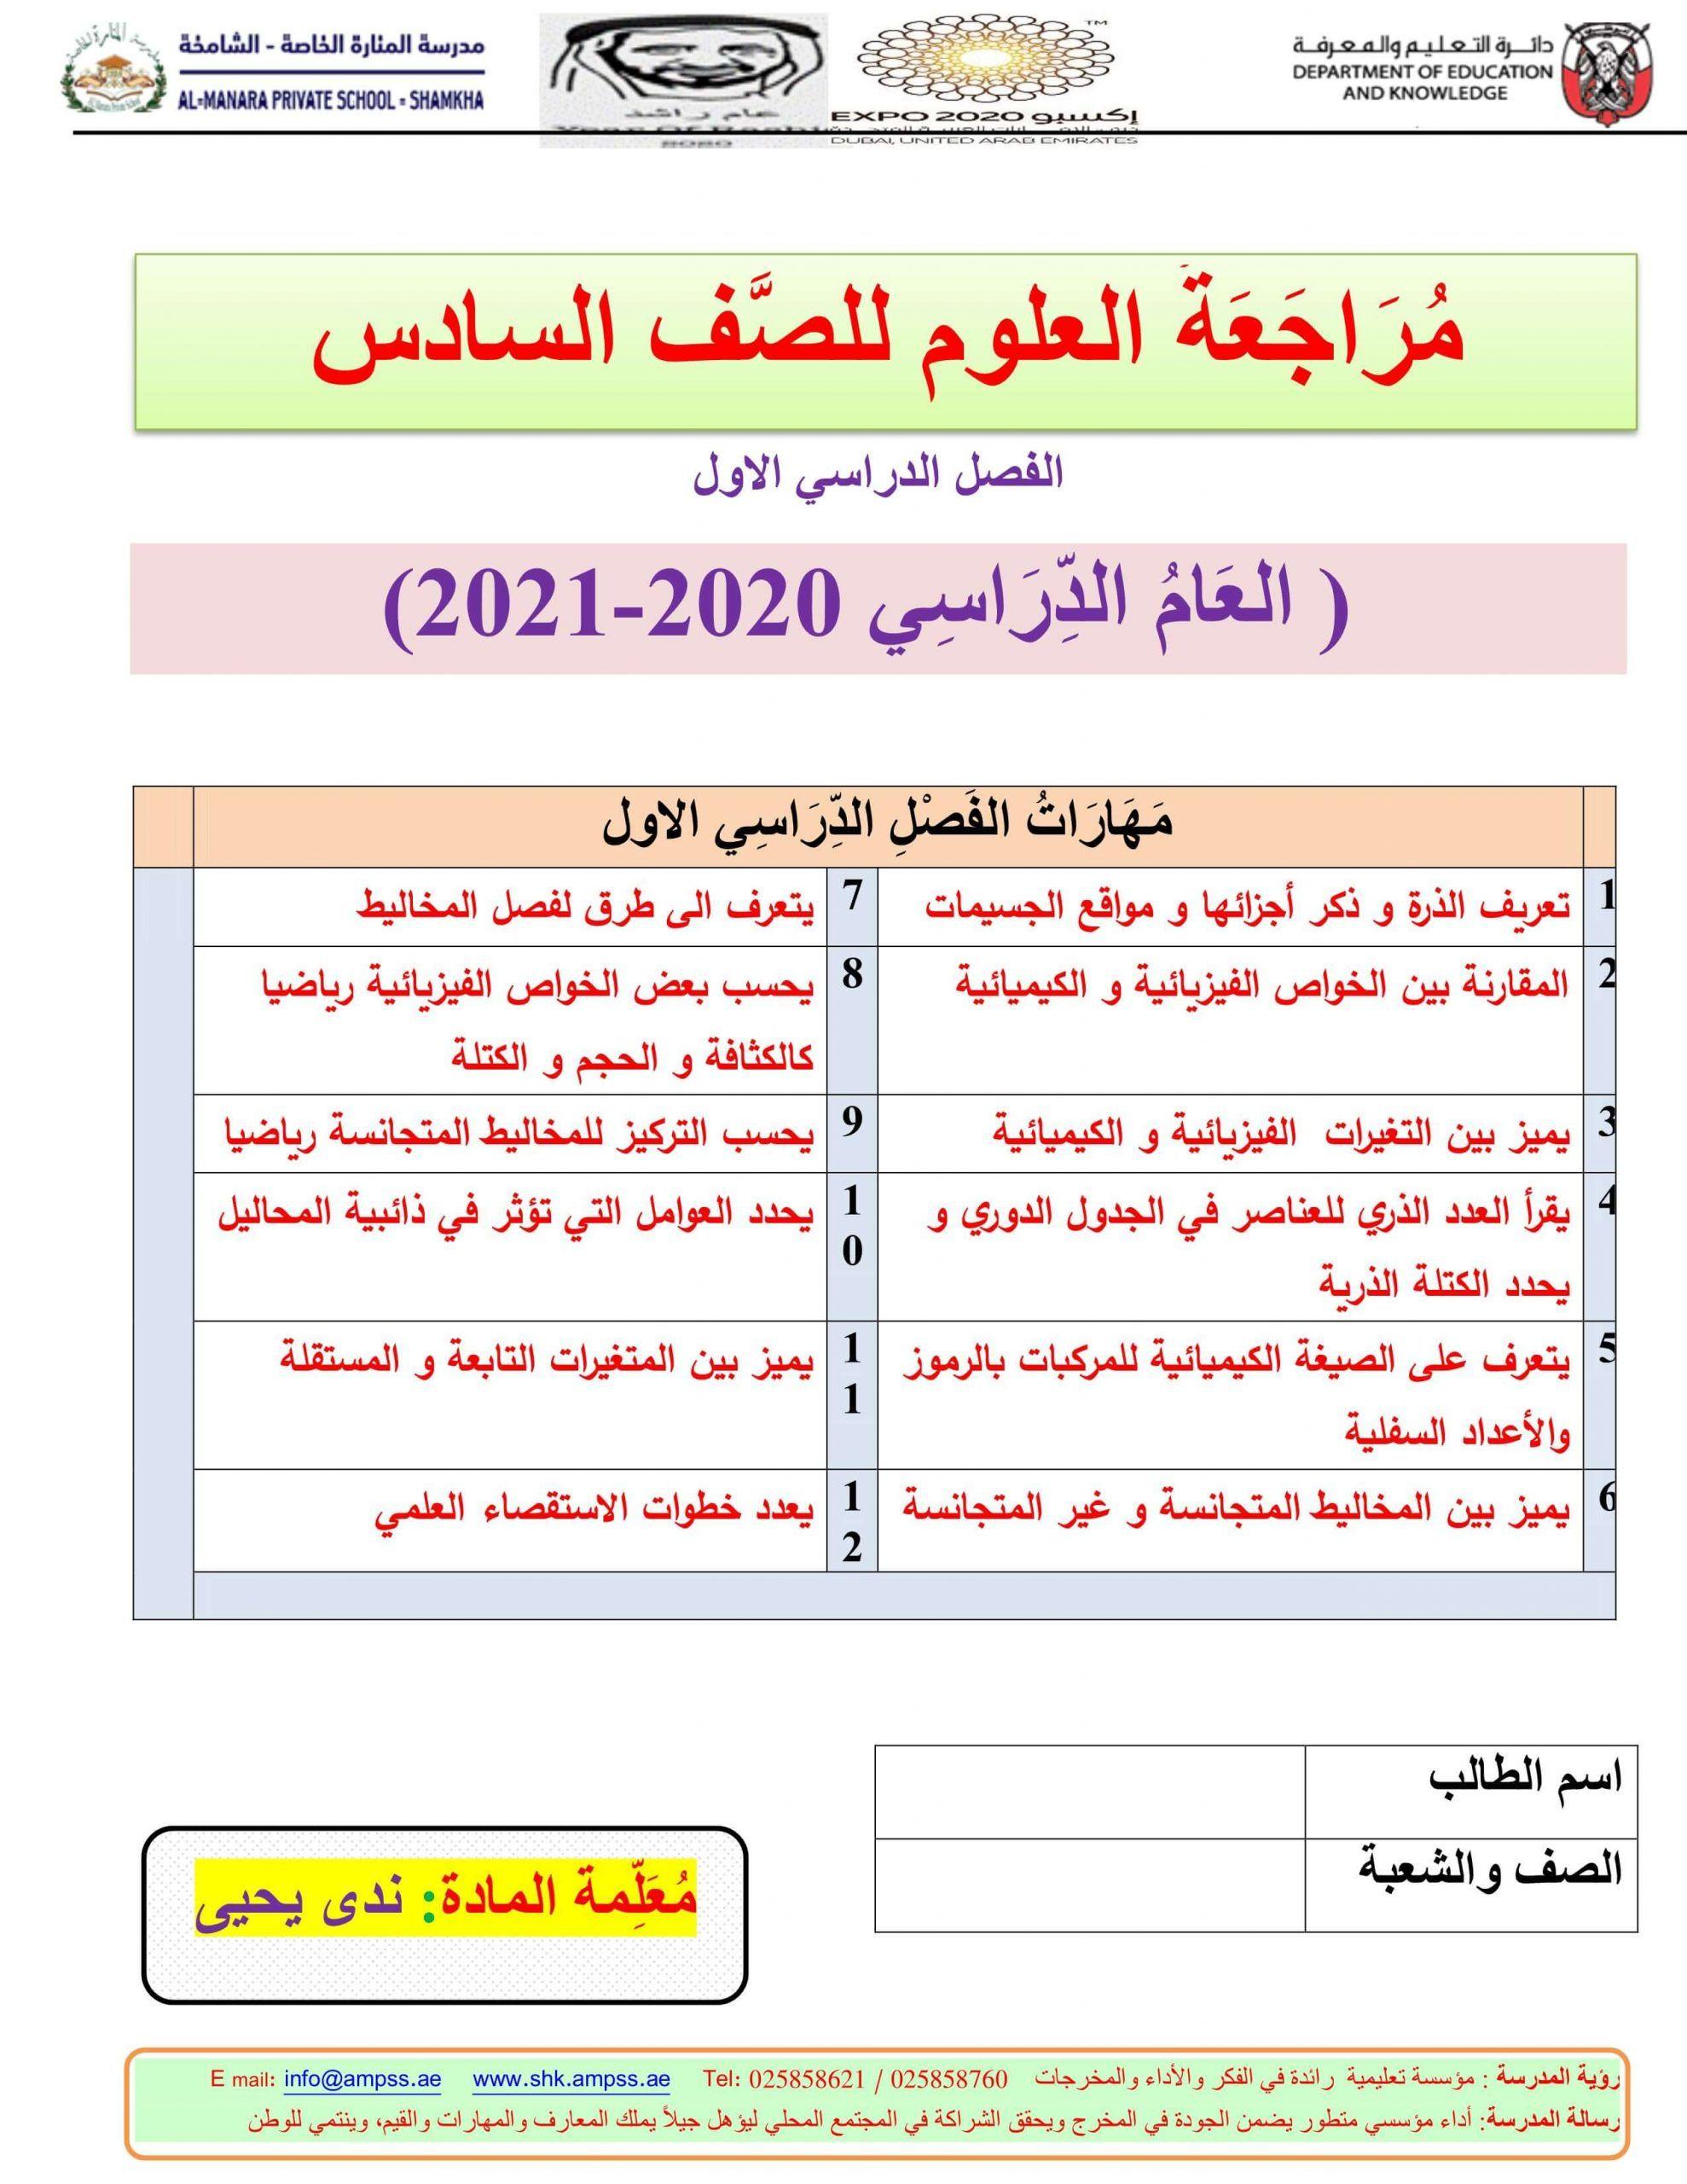 اوراق عمل مراجعة عامة الصف السادس مادة العلوم المتكاملة Knowledge Education